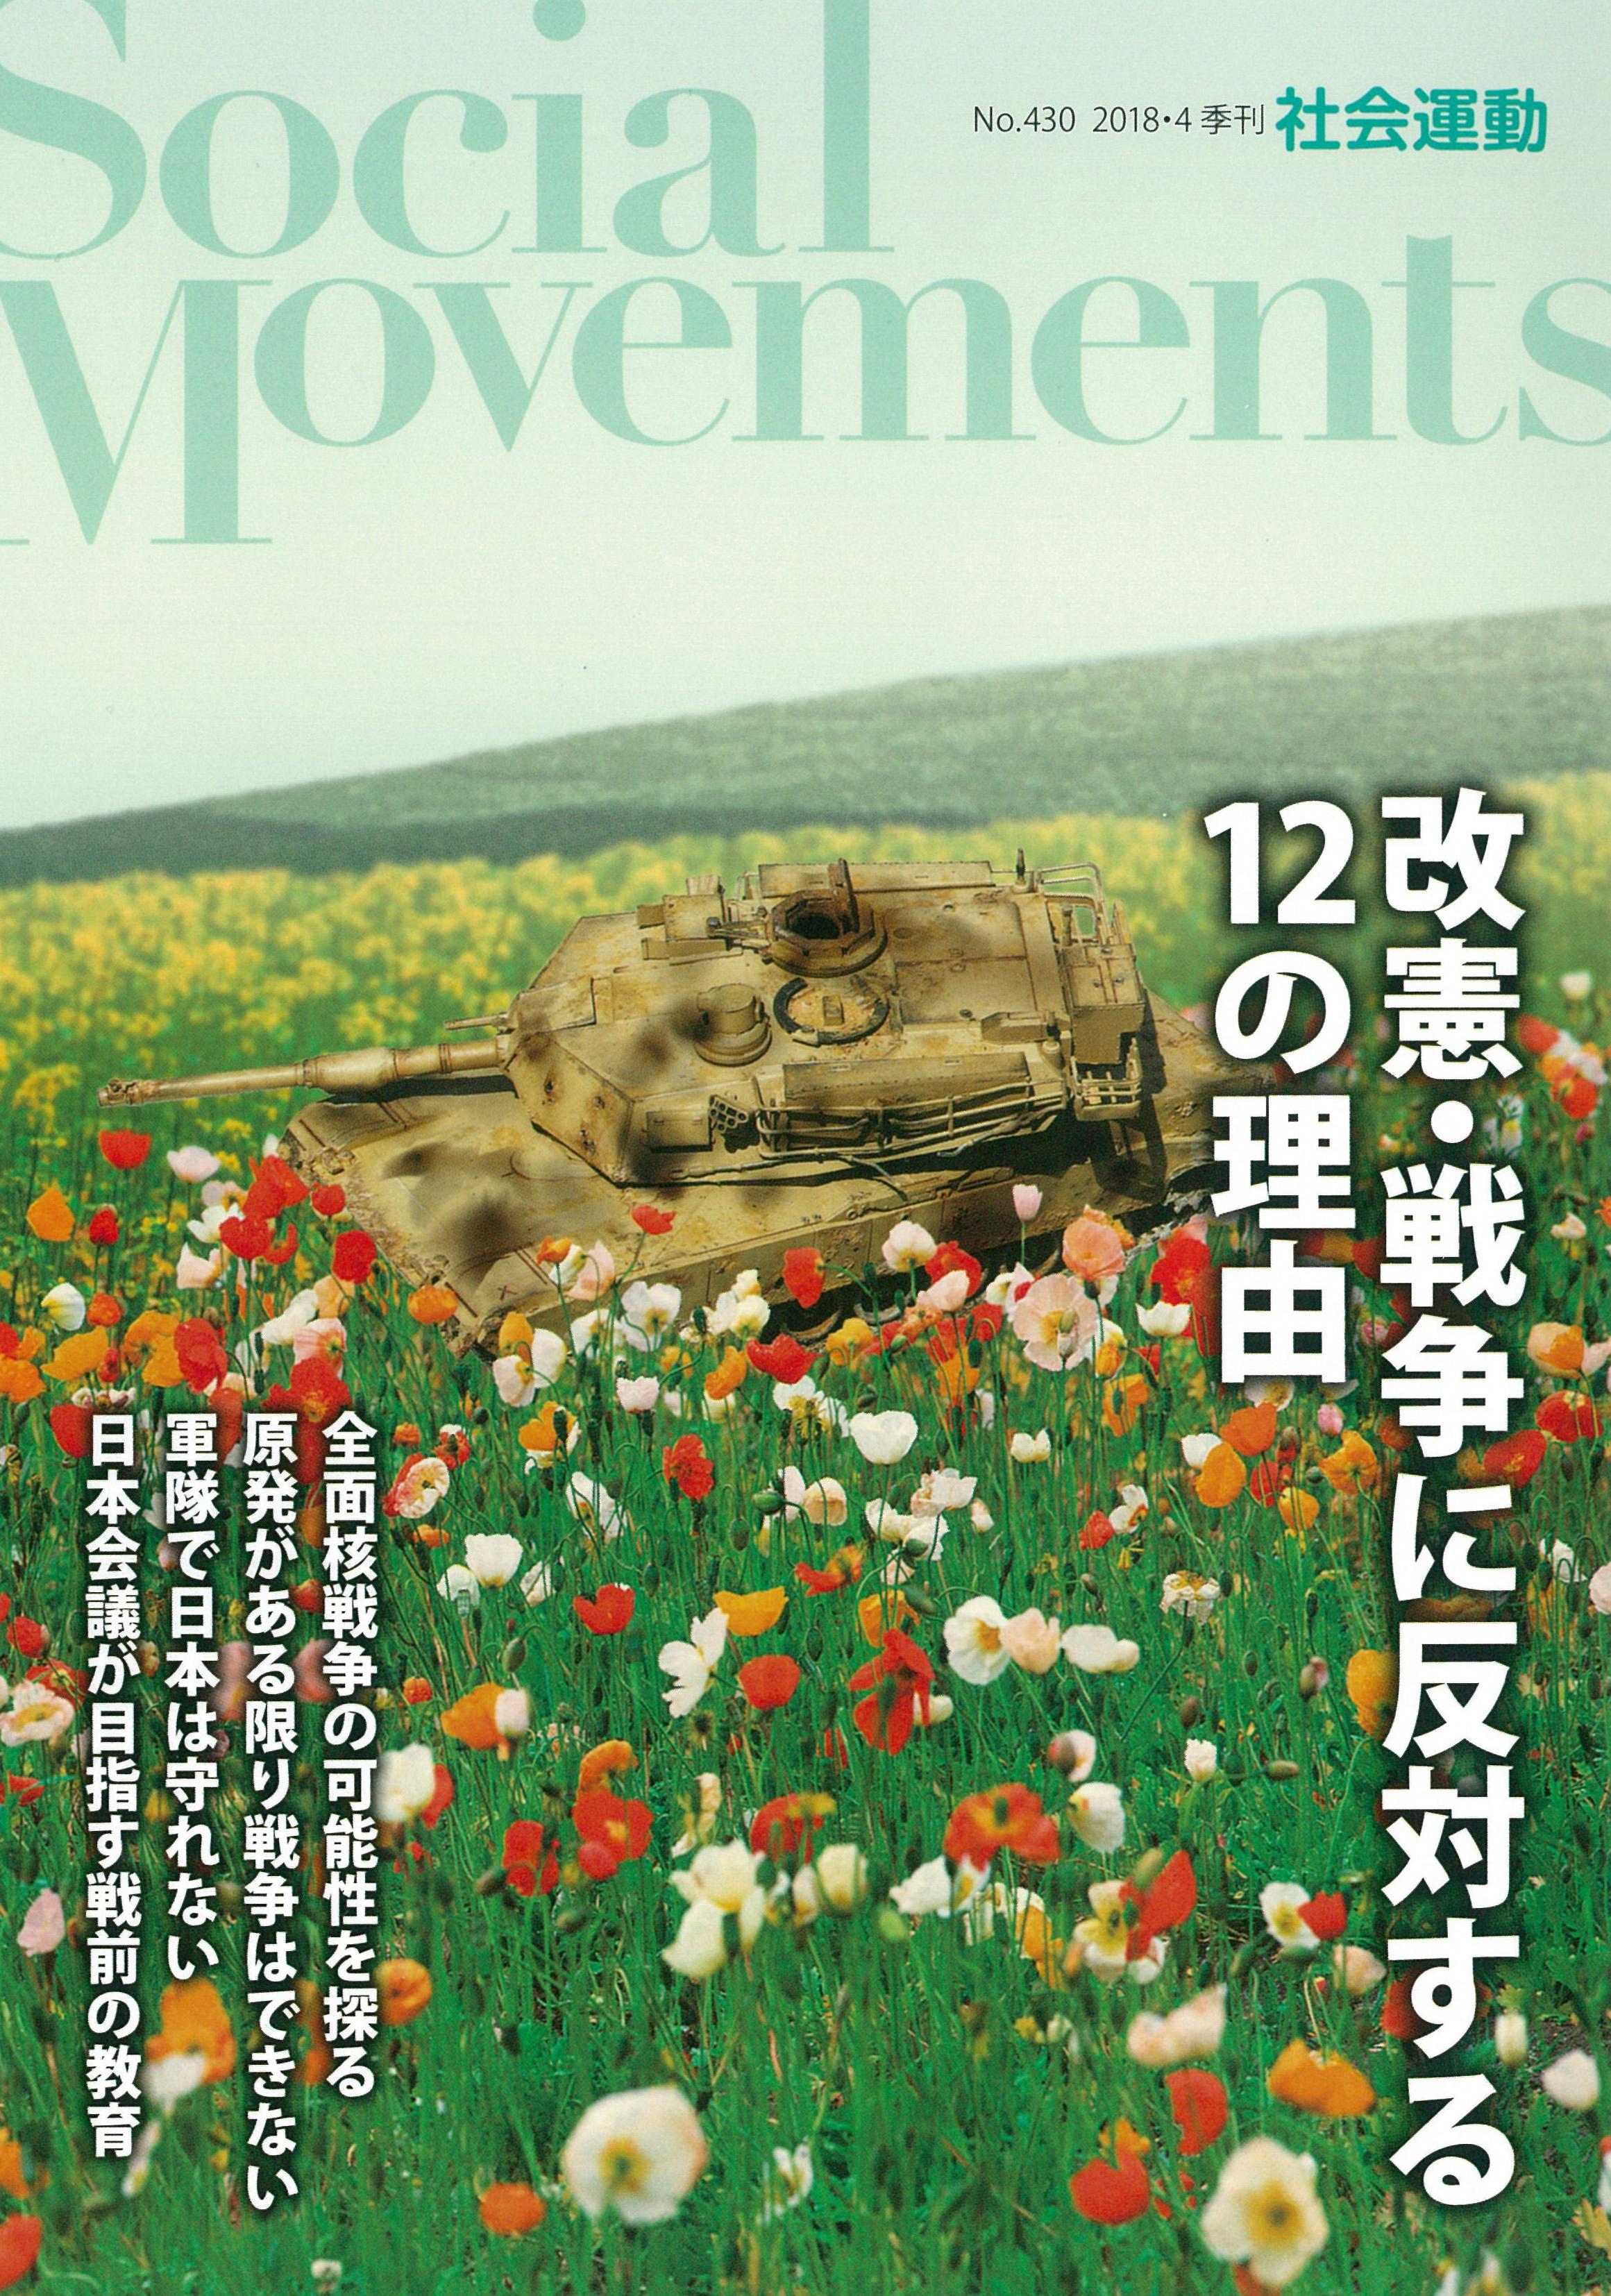 季刊『社会運動』2018年4月【430号】特集:改憲・戦争に反対する12の理由